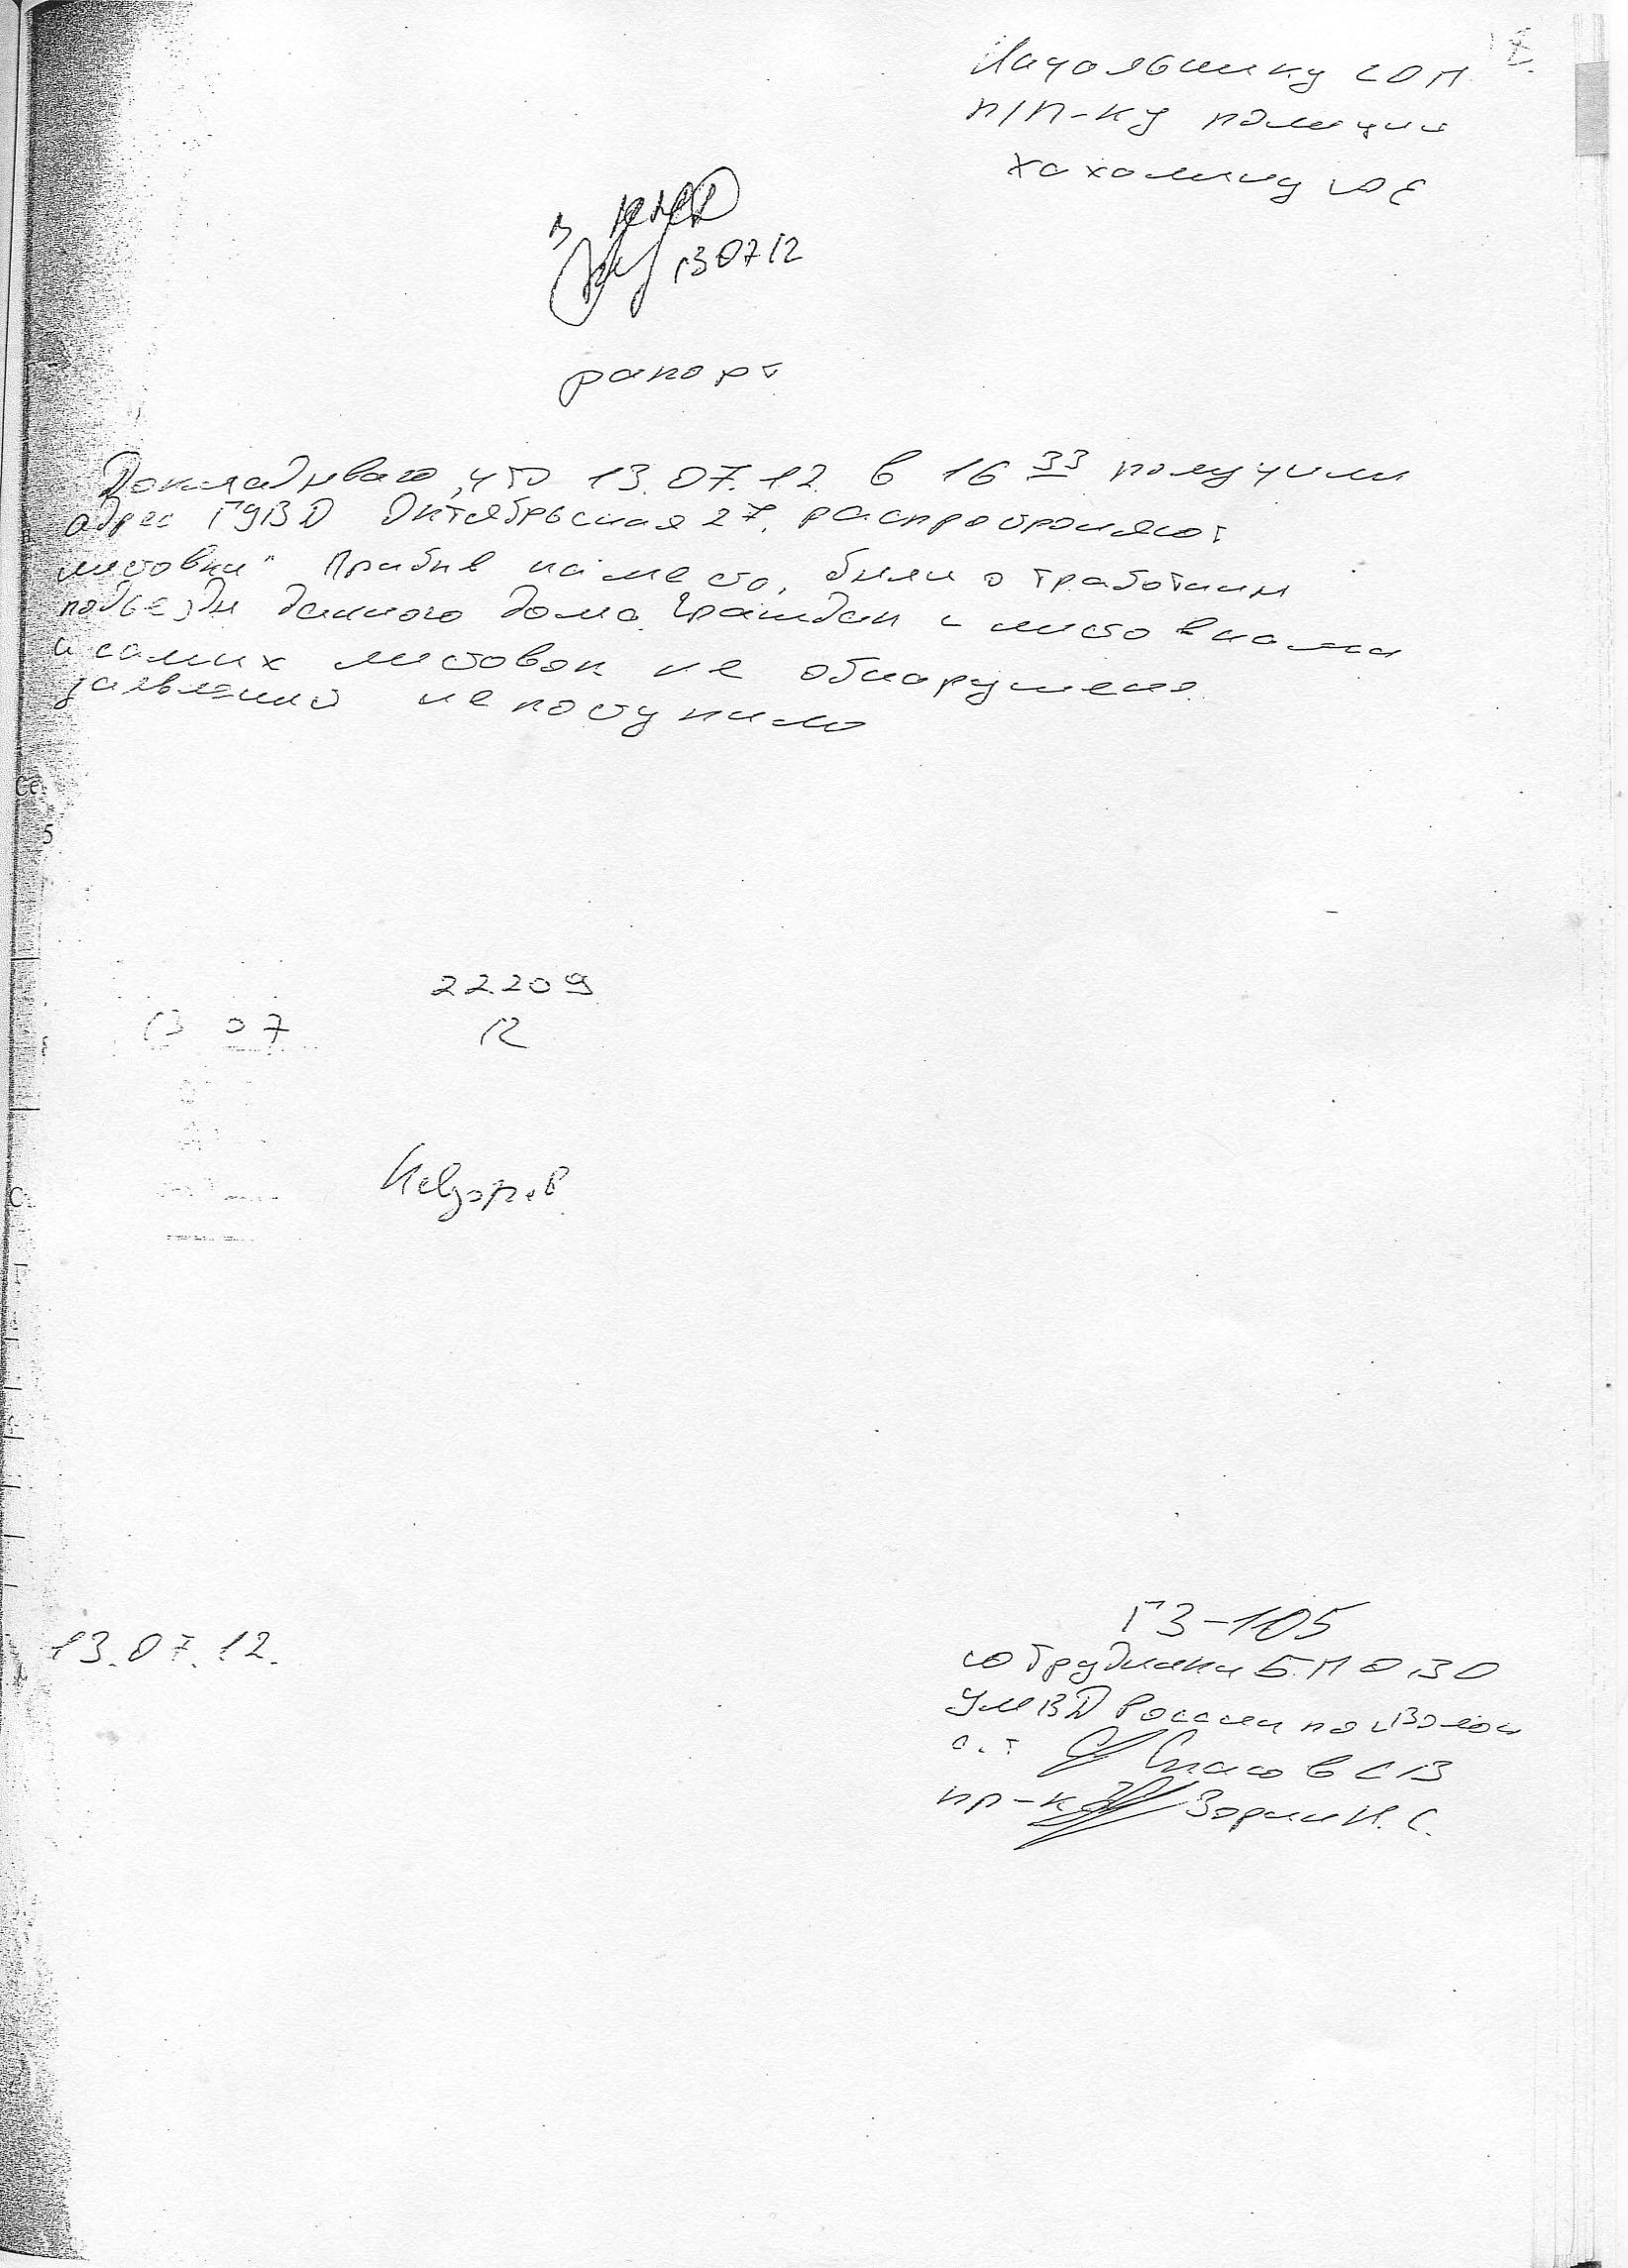 Материалы УД по листовке ЕР_Движение Вместе-38